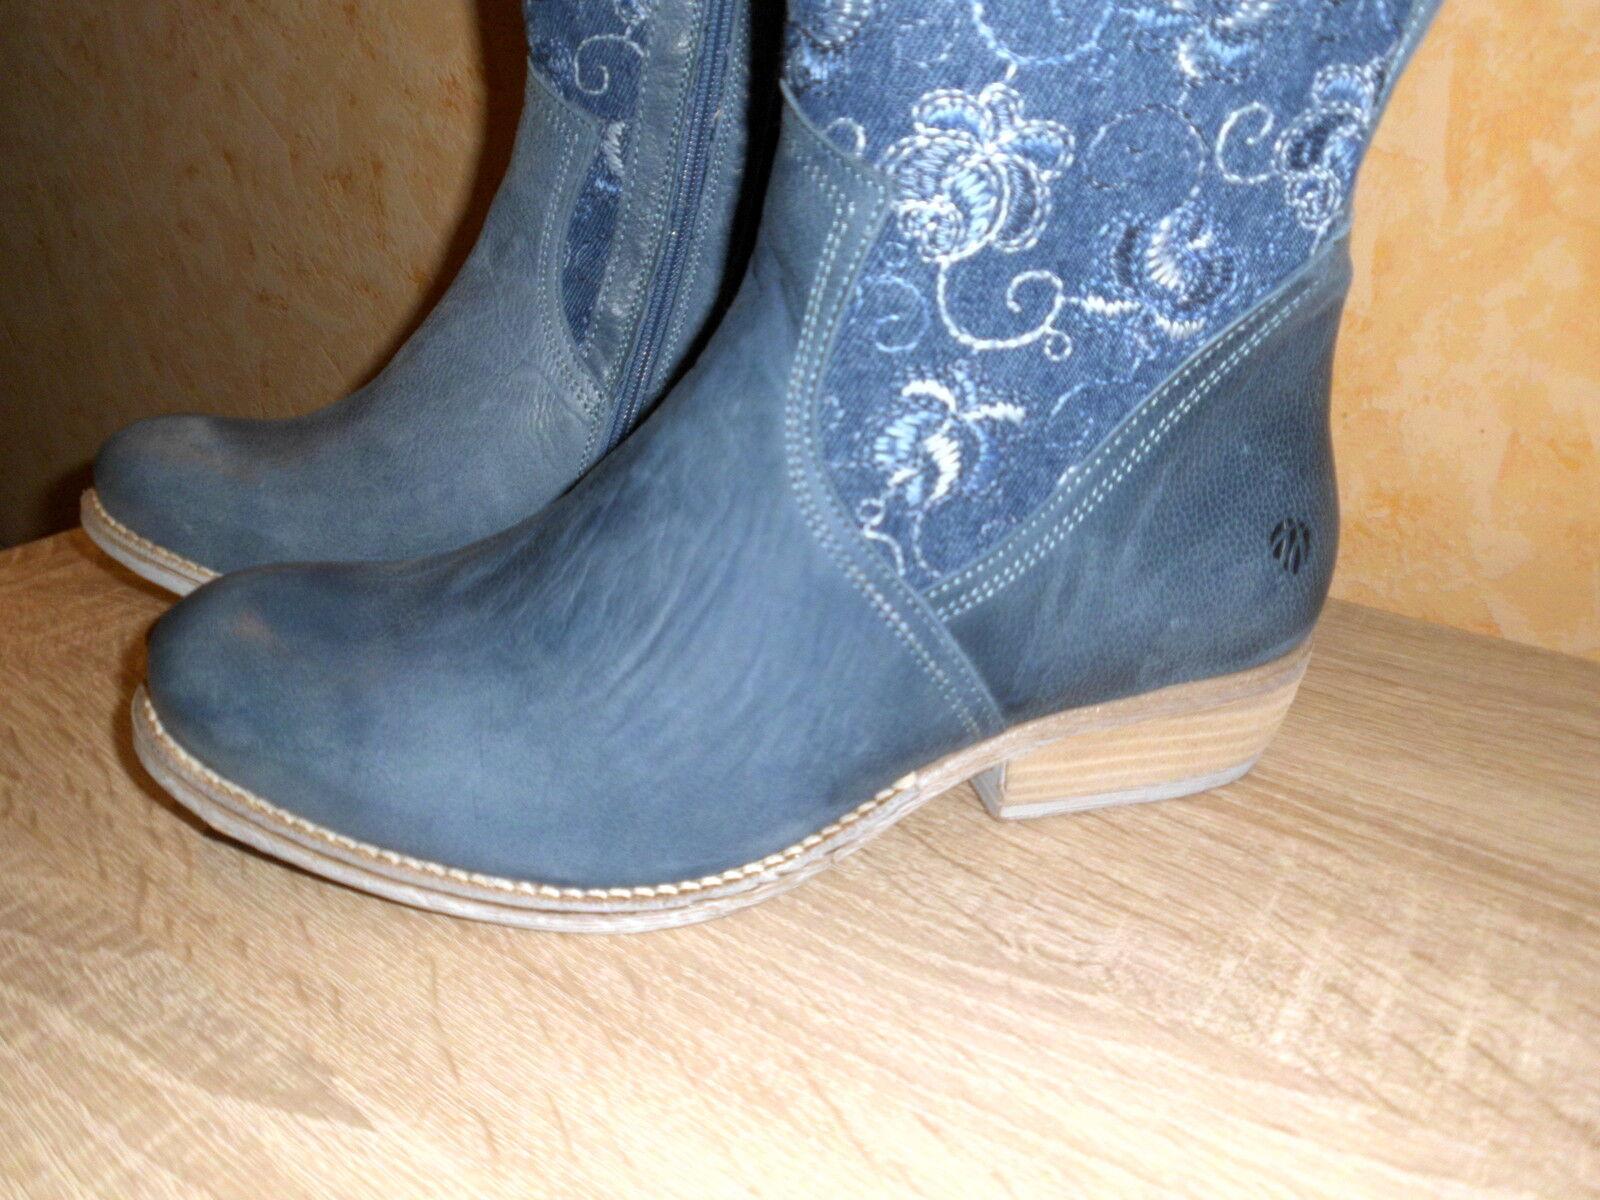 JJ Alexandria Footwear XXL Weitschaft Stiefel Alexandria JJ in kobaltblau NEU Gr. 44 JJFW chic b603c2